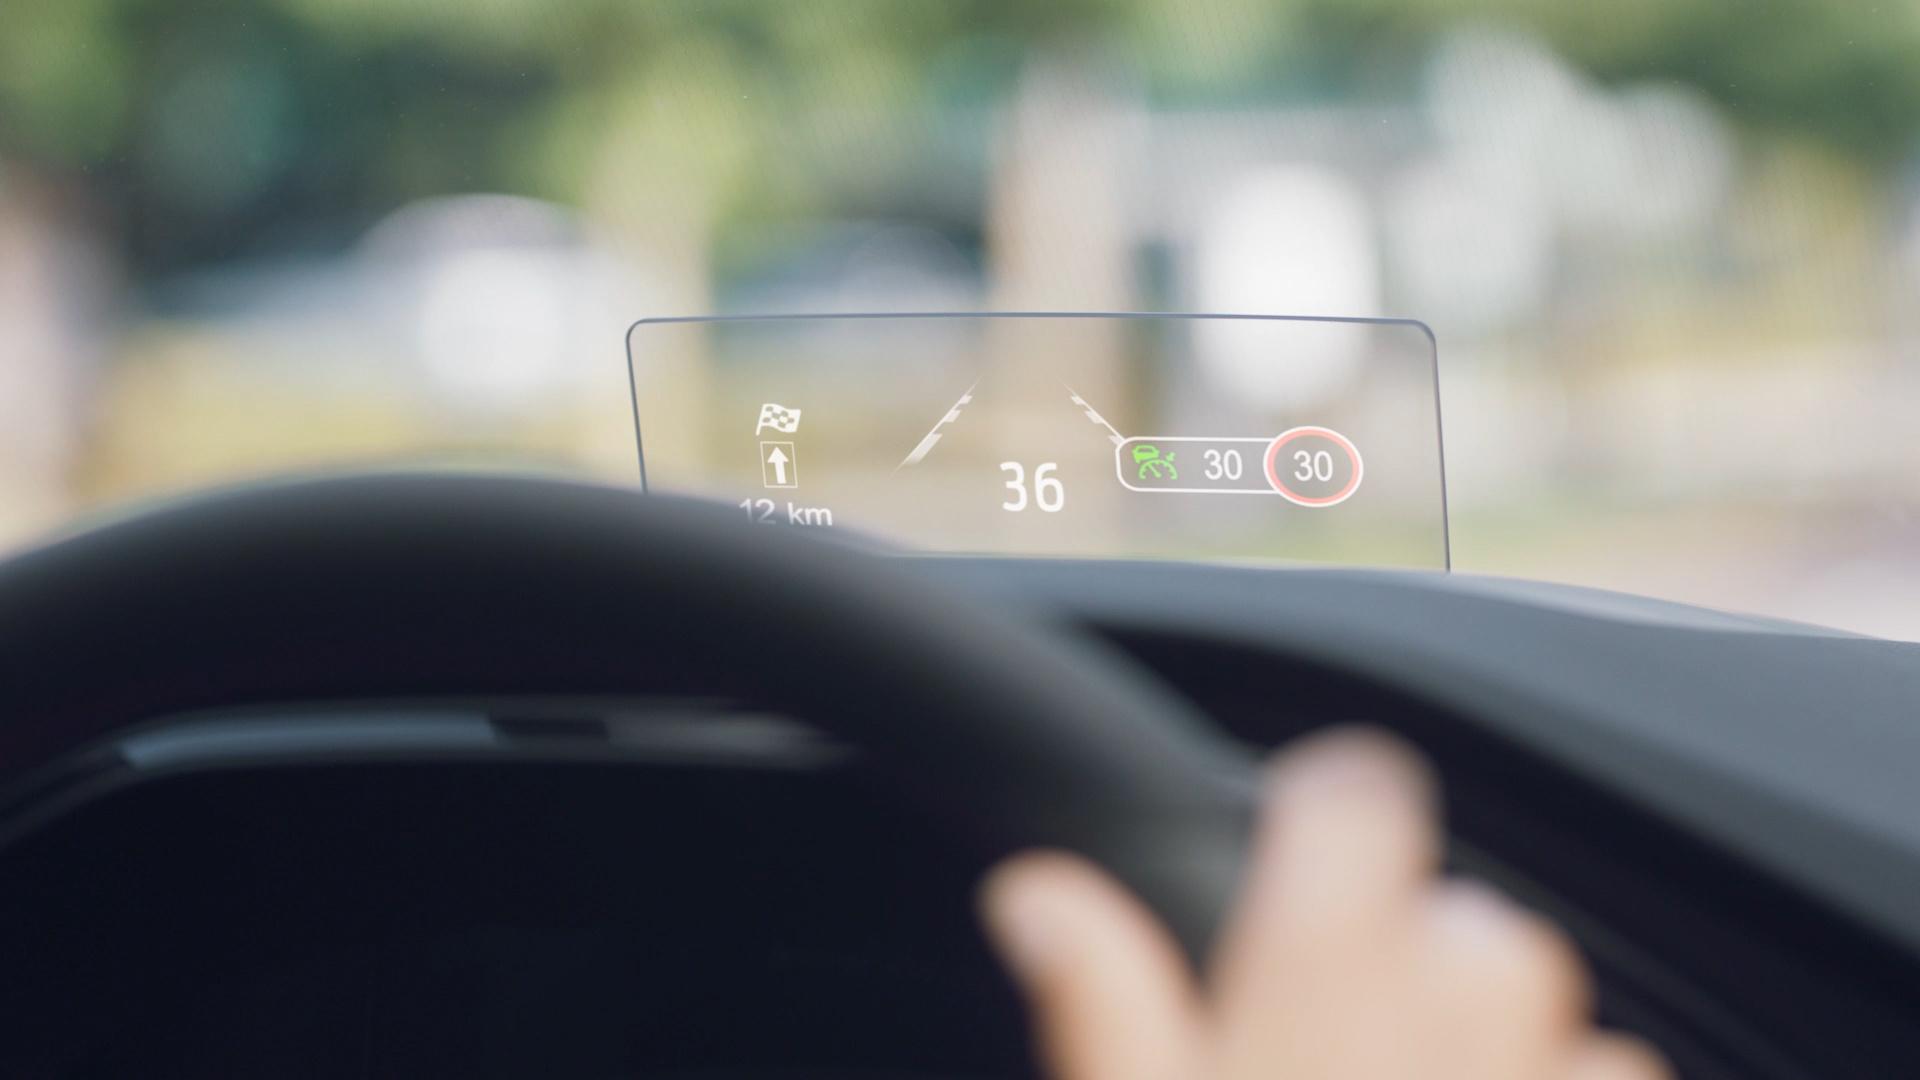 Ξεχωρίζει το νέο Ford Kuga στην πρώτη δοκιμή των συστημάτων υποβοήθησης της οδήγησης του Euro NCAP